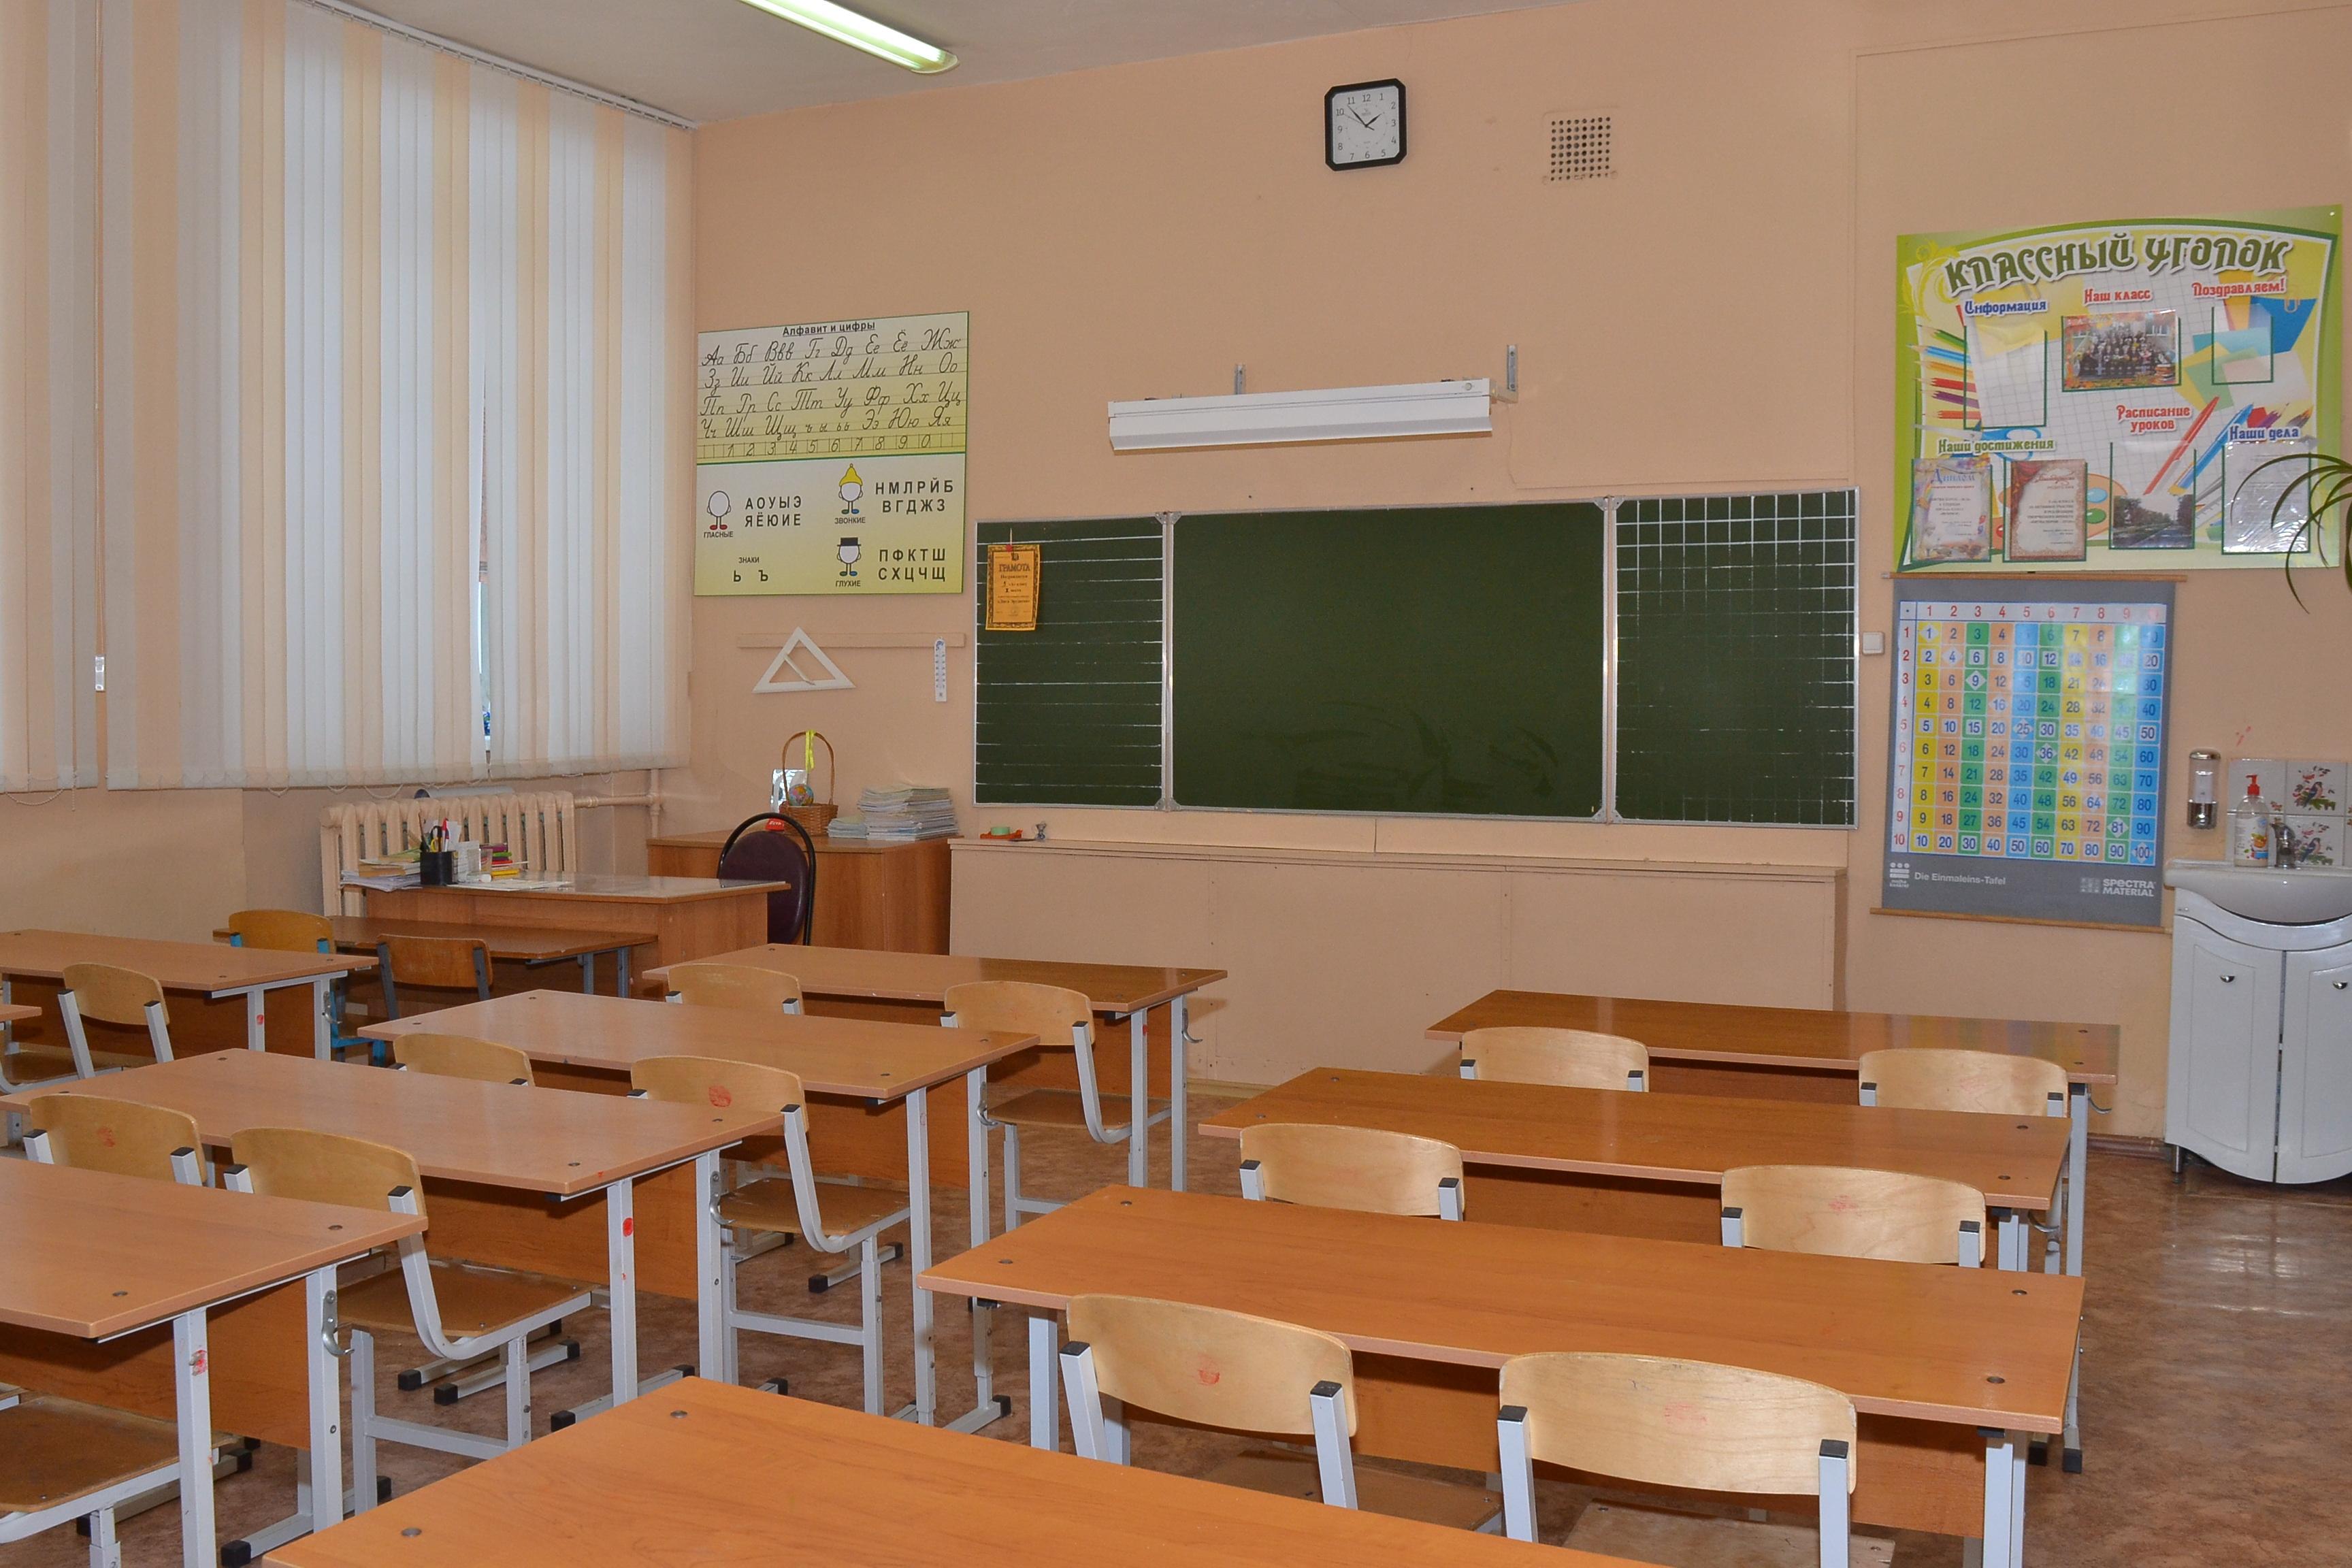 Кабинет № 8 - начальные классы.